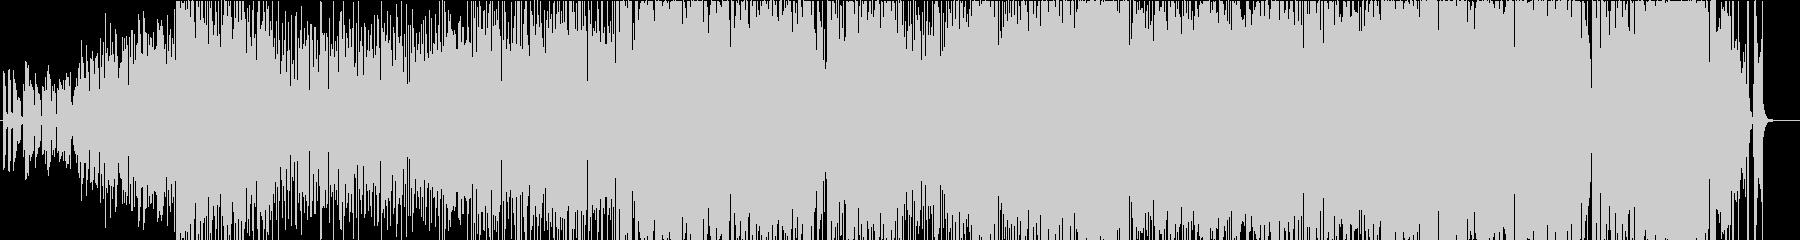 クラシックの練習曲の様なメロのjazzの未再生の波形